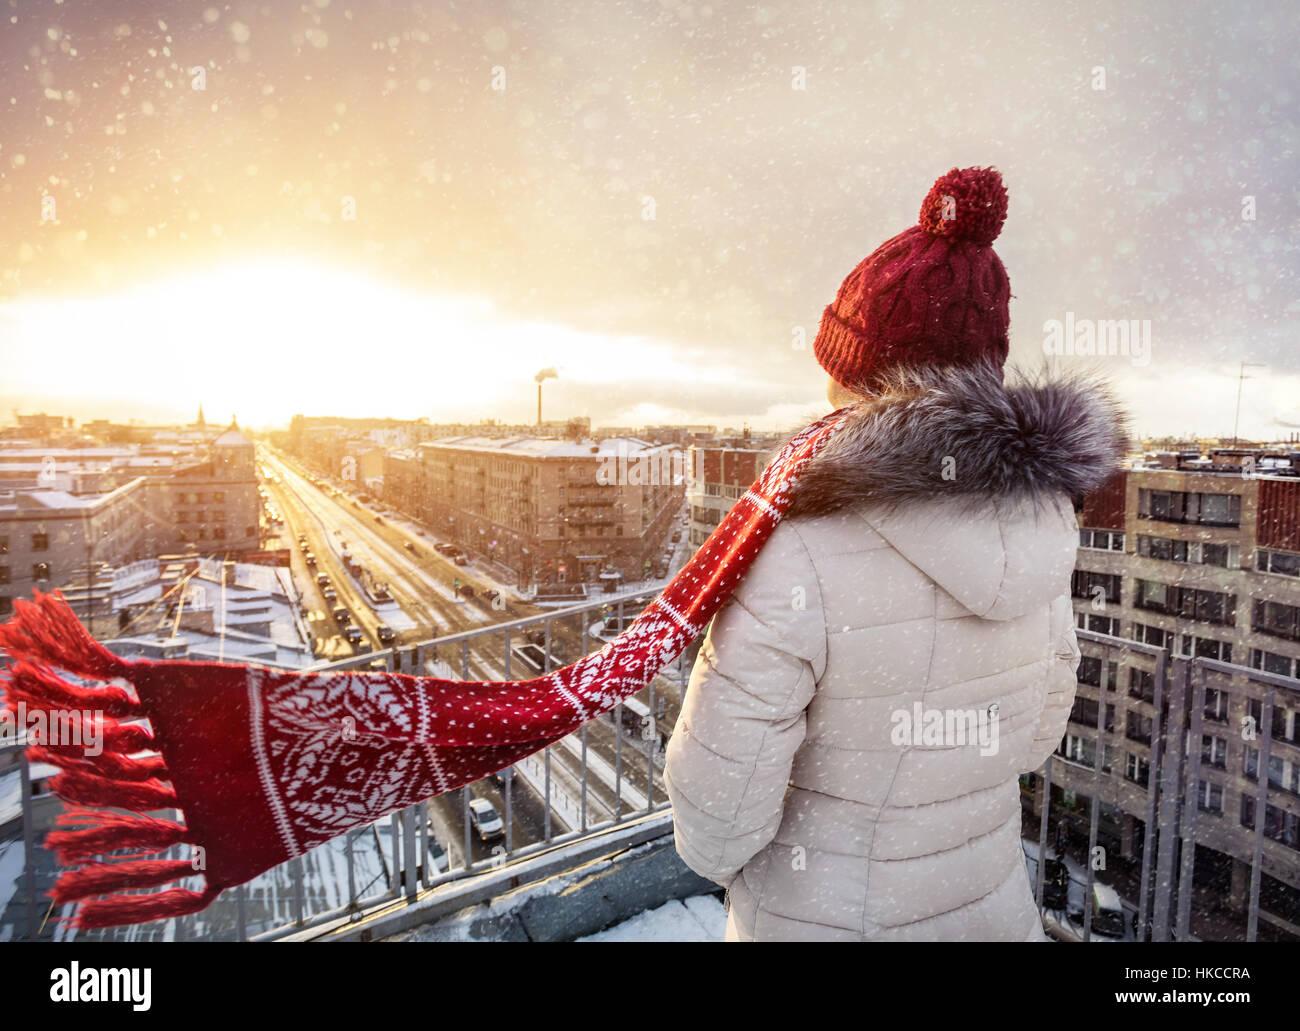 La donna nel cappello di Natale e sciarpa rossa sul tetto presso la caduta di neve a San Pietroburgo, Russia Immagini Stock